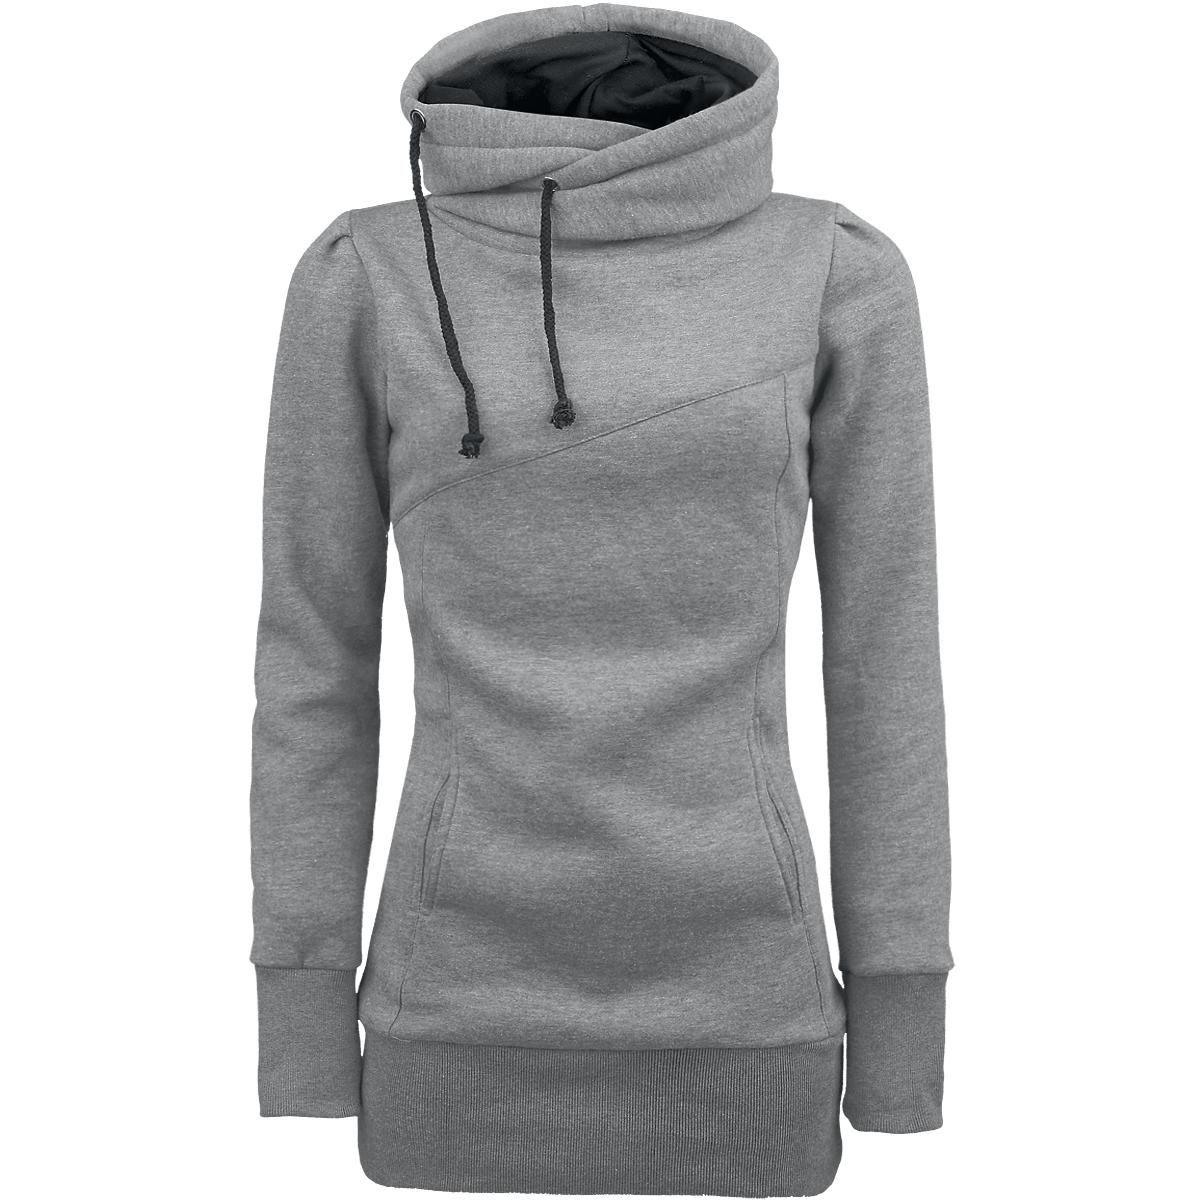 Smart Hoodie | Sweatshirt, Hoodie and Hoods